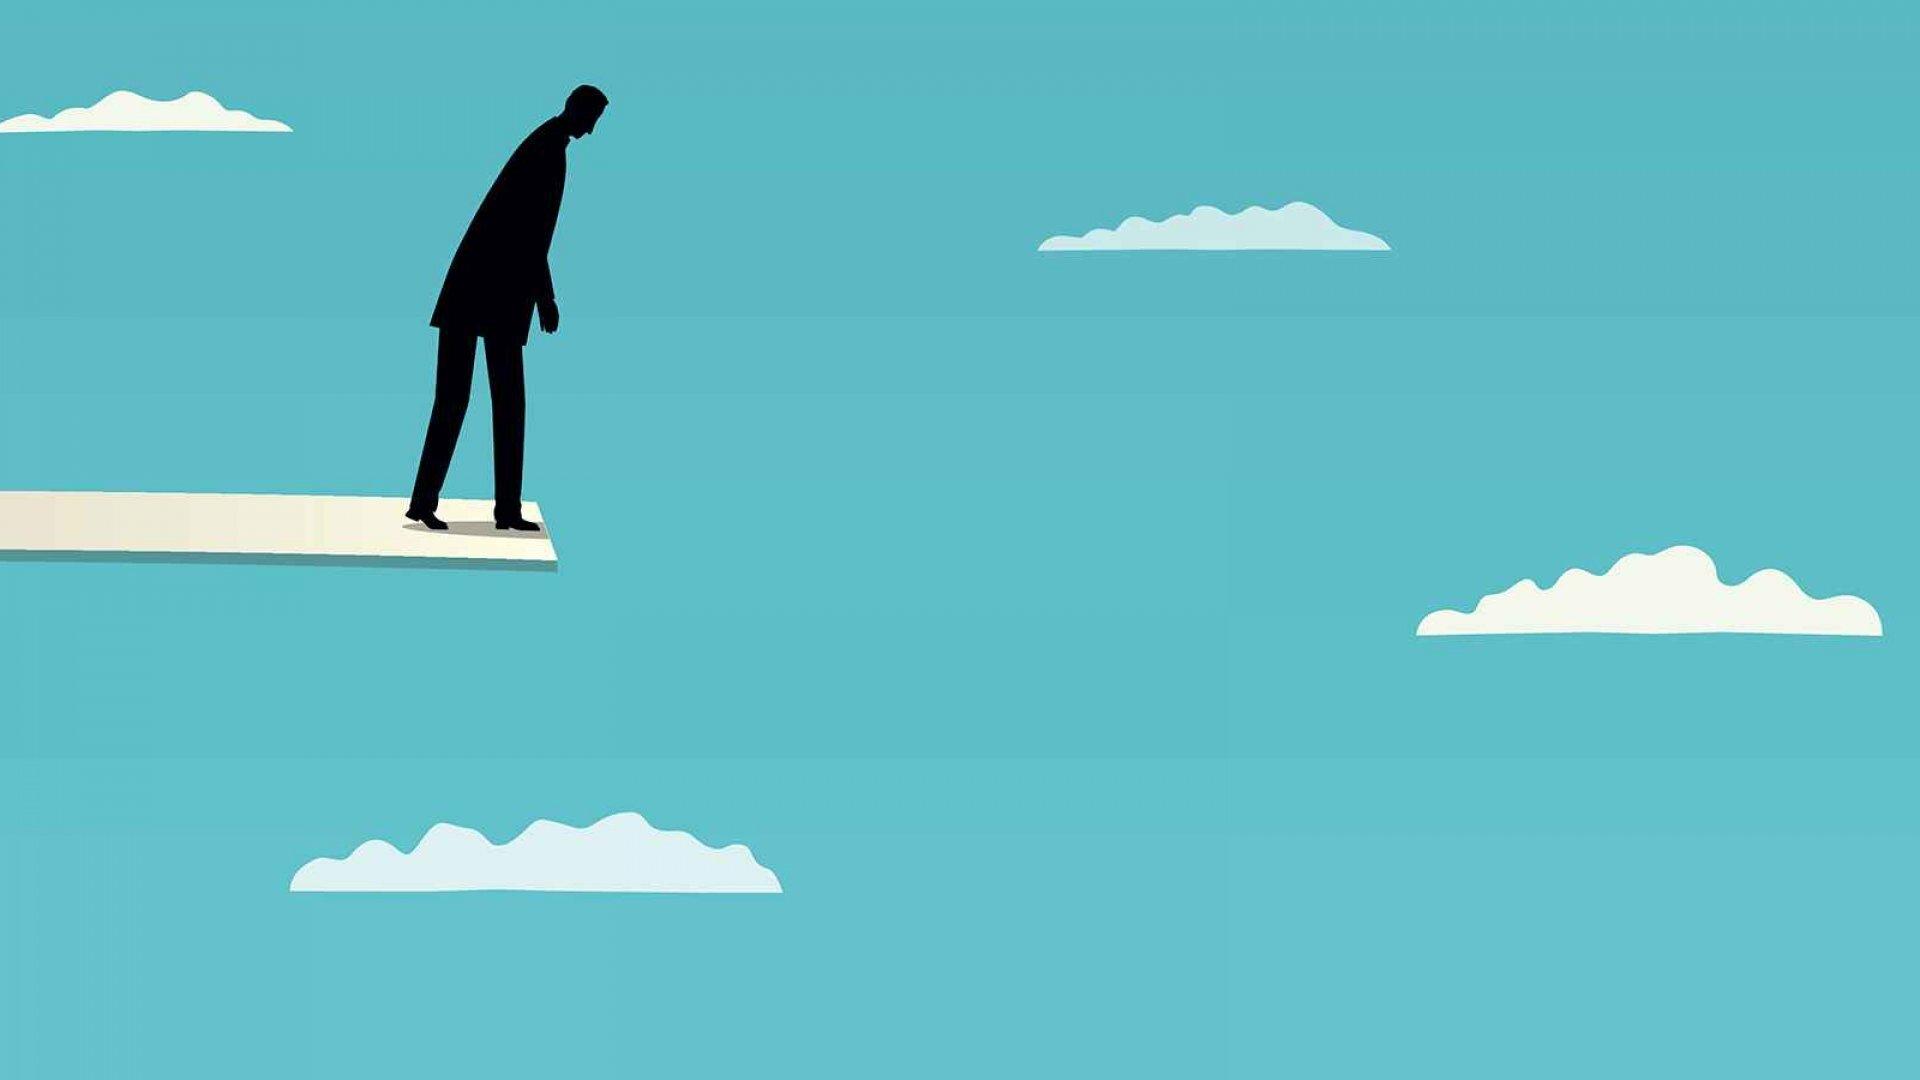 ۱۰ ترسی که مانع زندگی با کیفیت میشوند